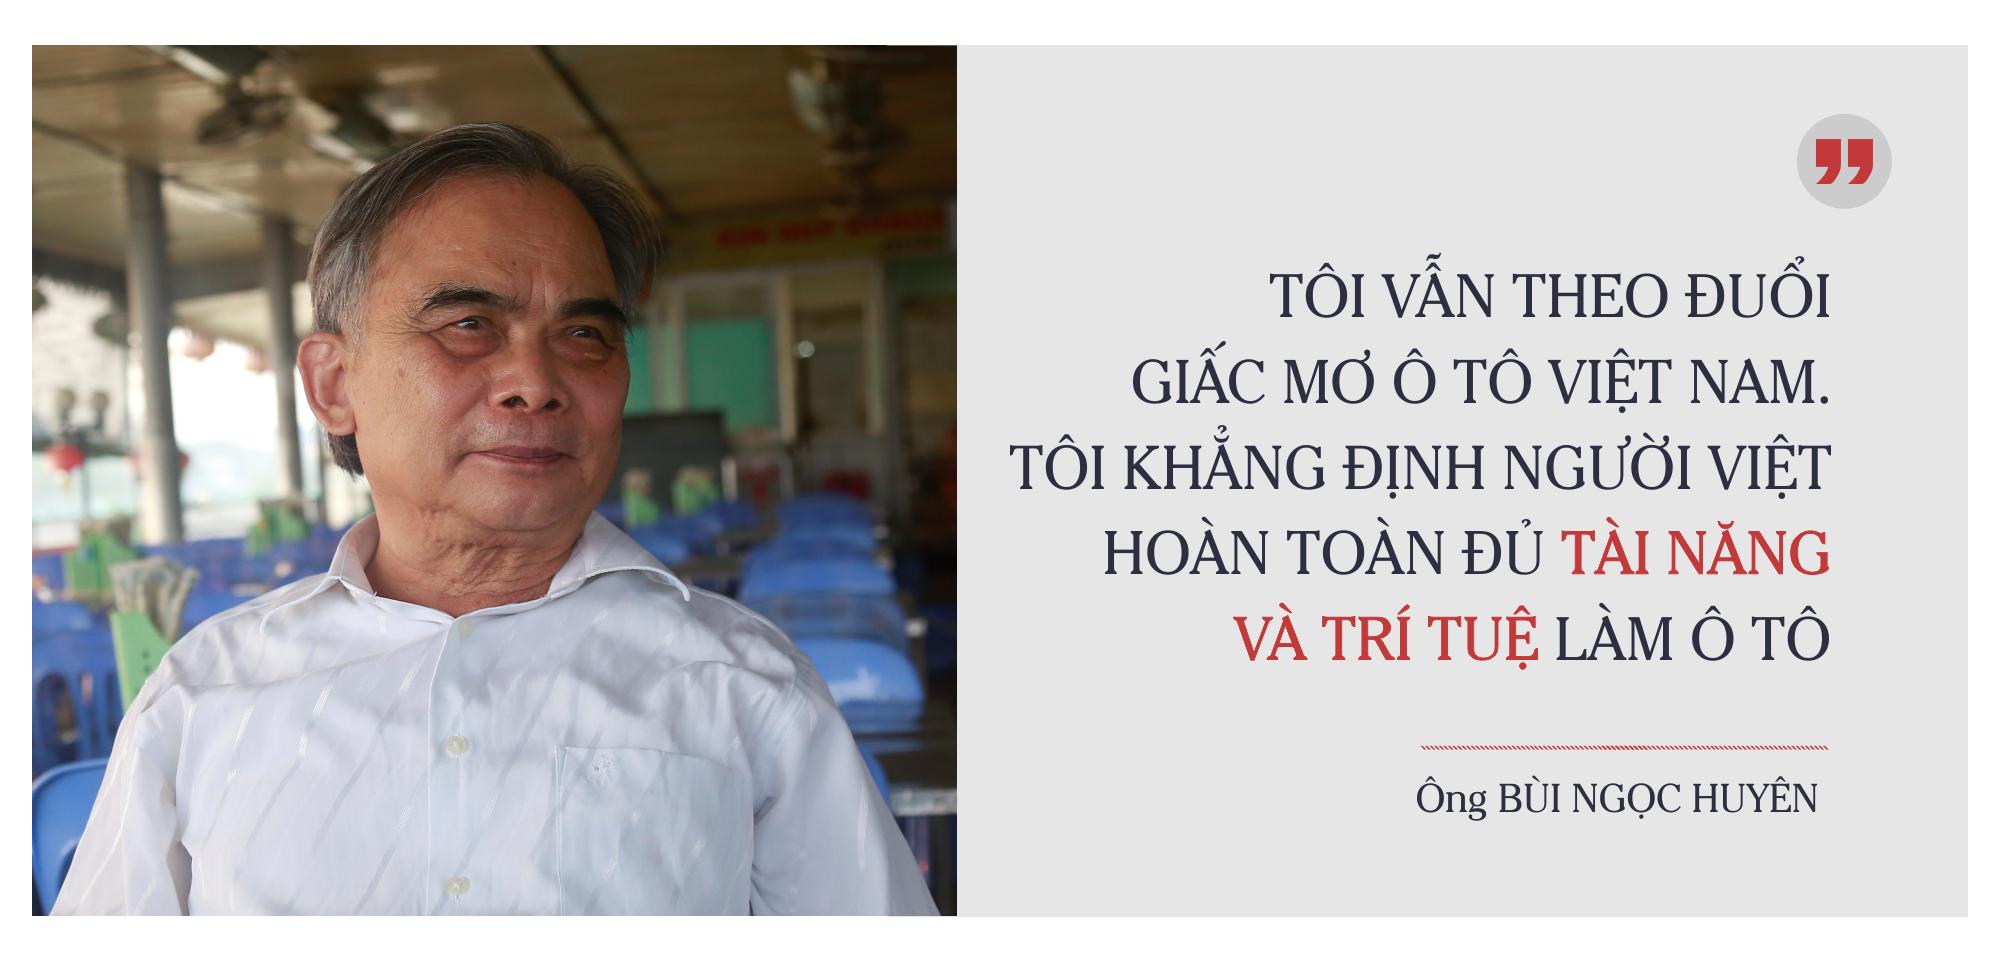 Một thập kỷ vun đắp giấc mơ ngành công nghiệp ô tô 'Made in Vietnam' - Ảnh 3.